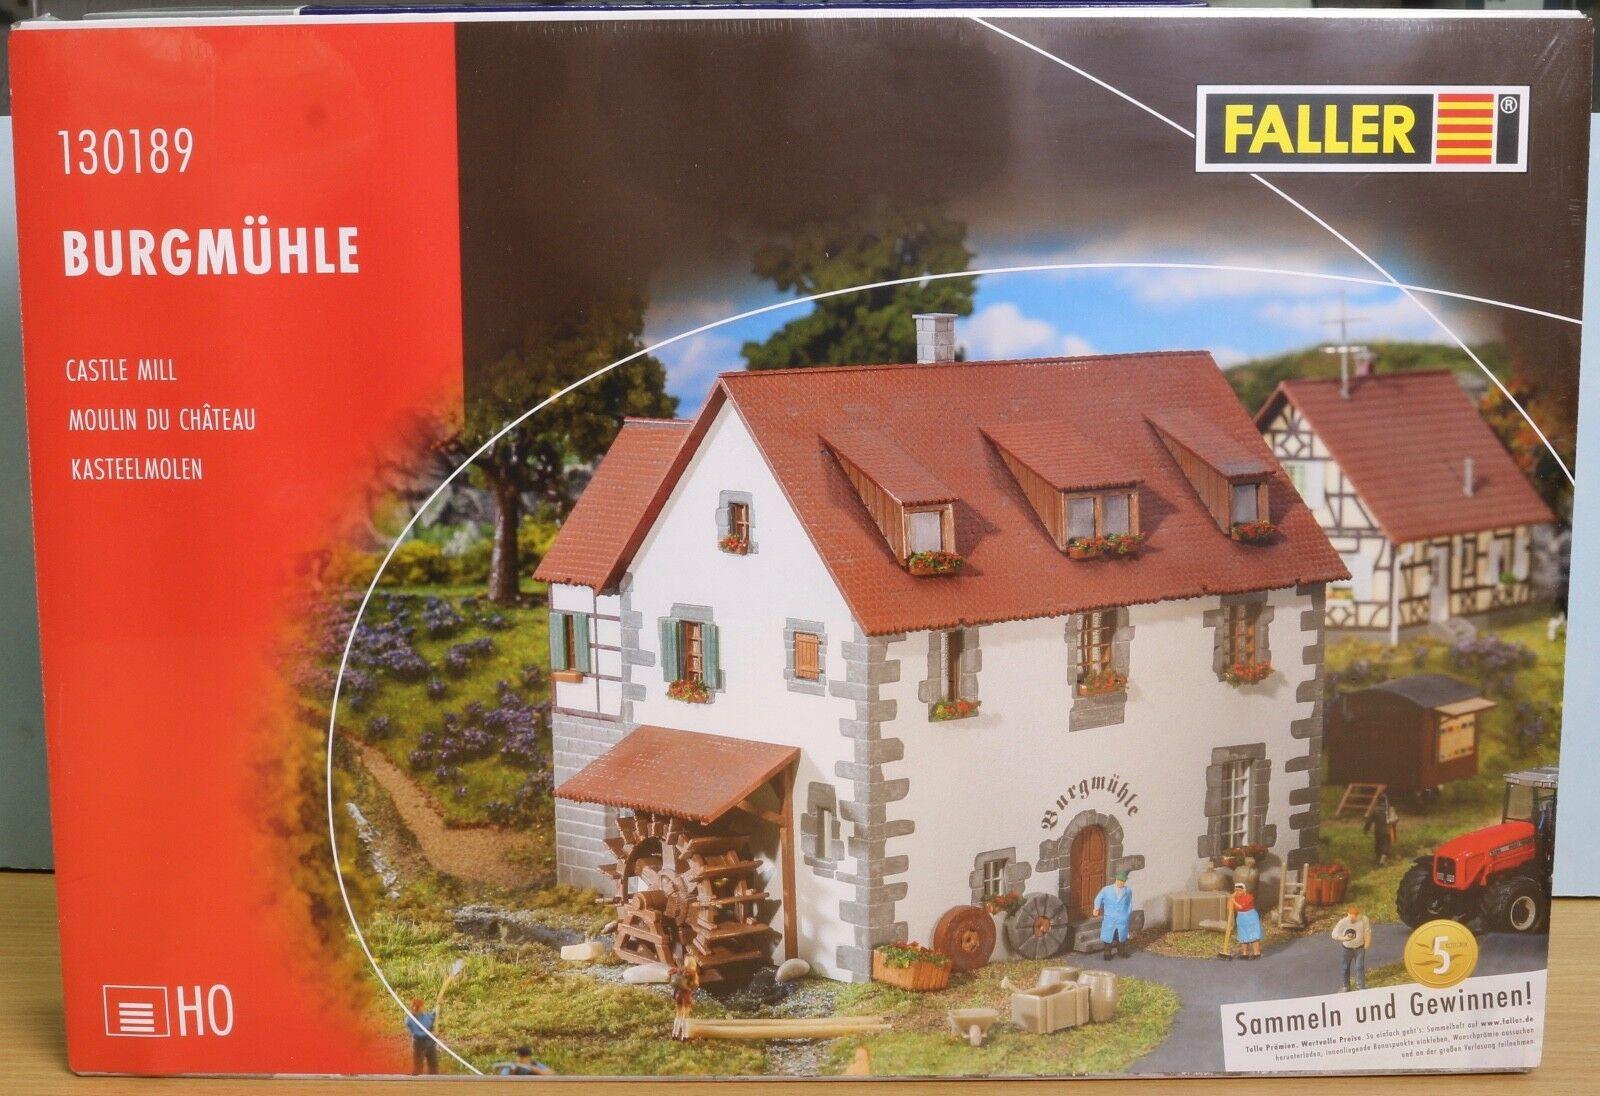 Faller 130189, Spur H0,  Bausatz Burgmühle   Castle mill   moulin du château  | Sehr gute Farbe